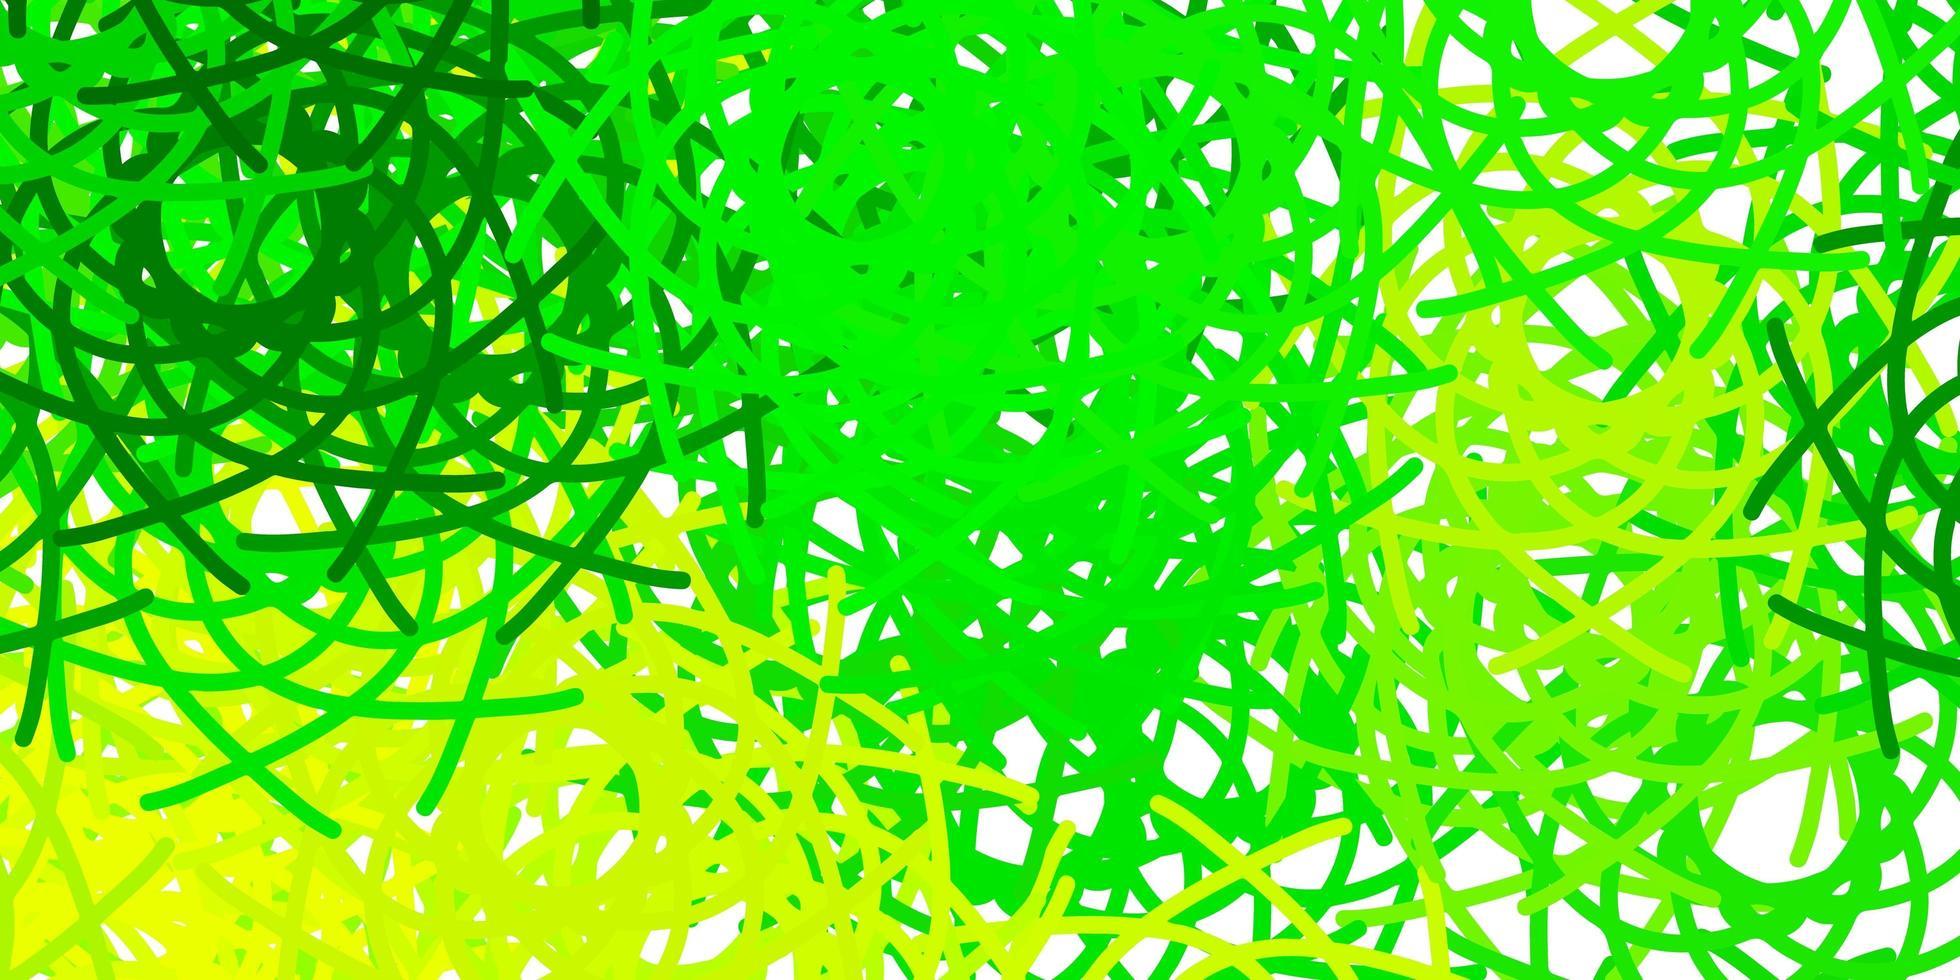 ljusgrön, gul vektorstruktur med memphis-former. vektor